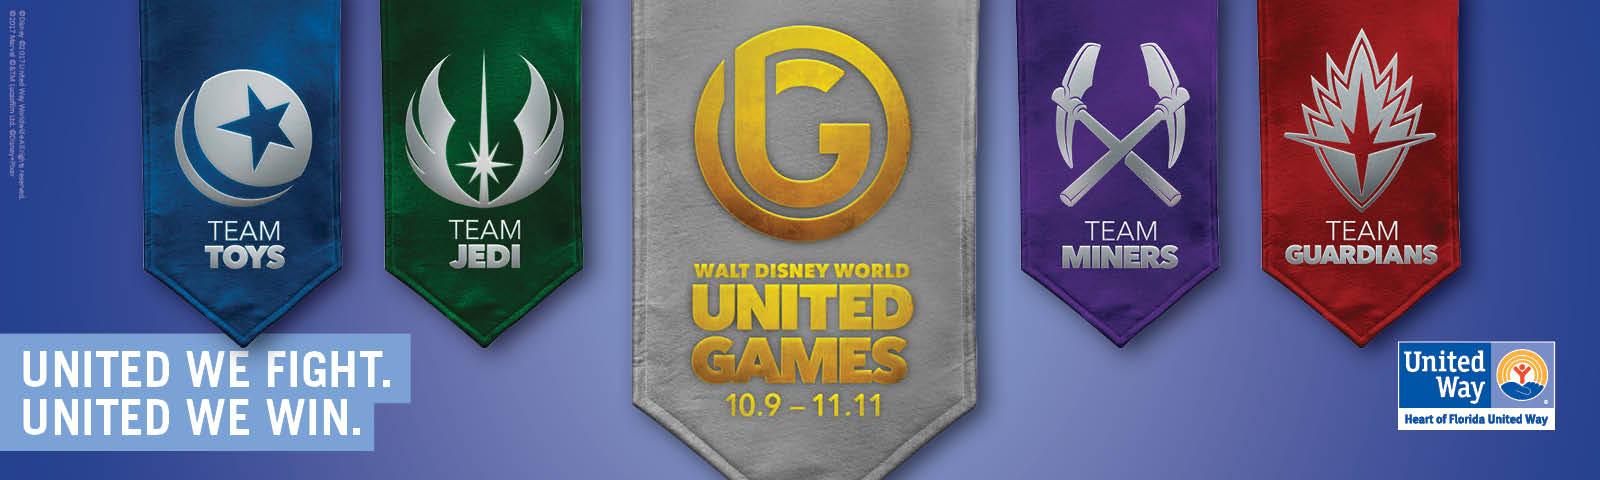 Walt Disney World Header